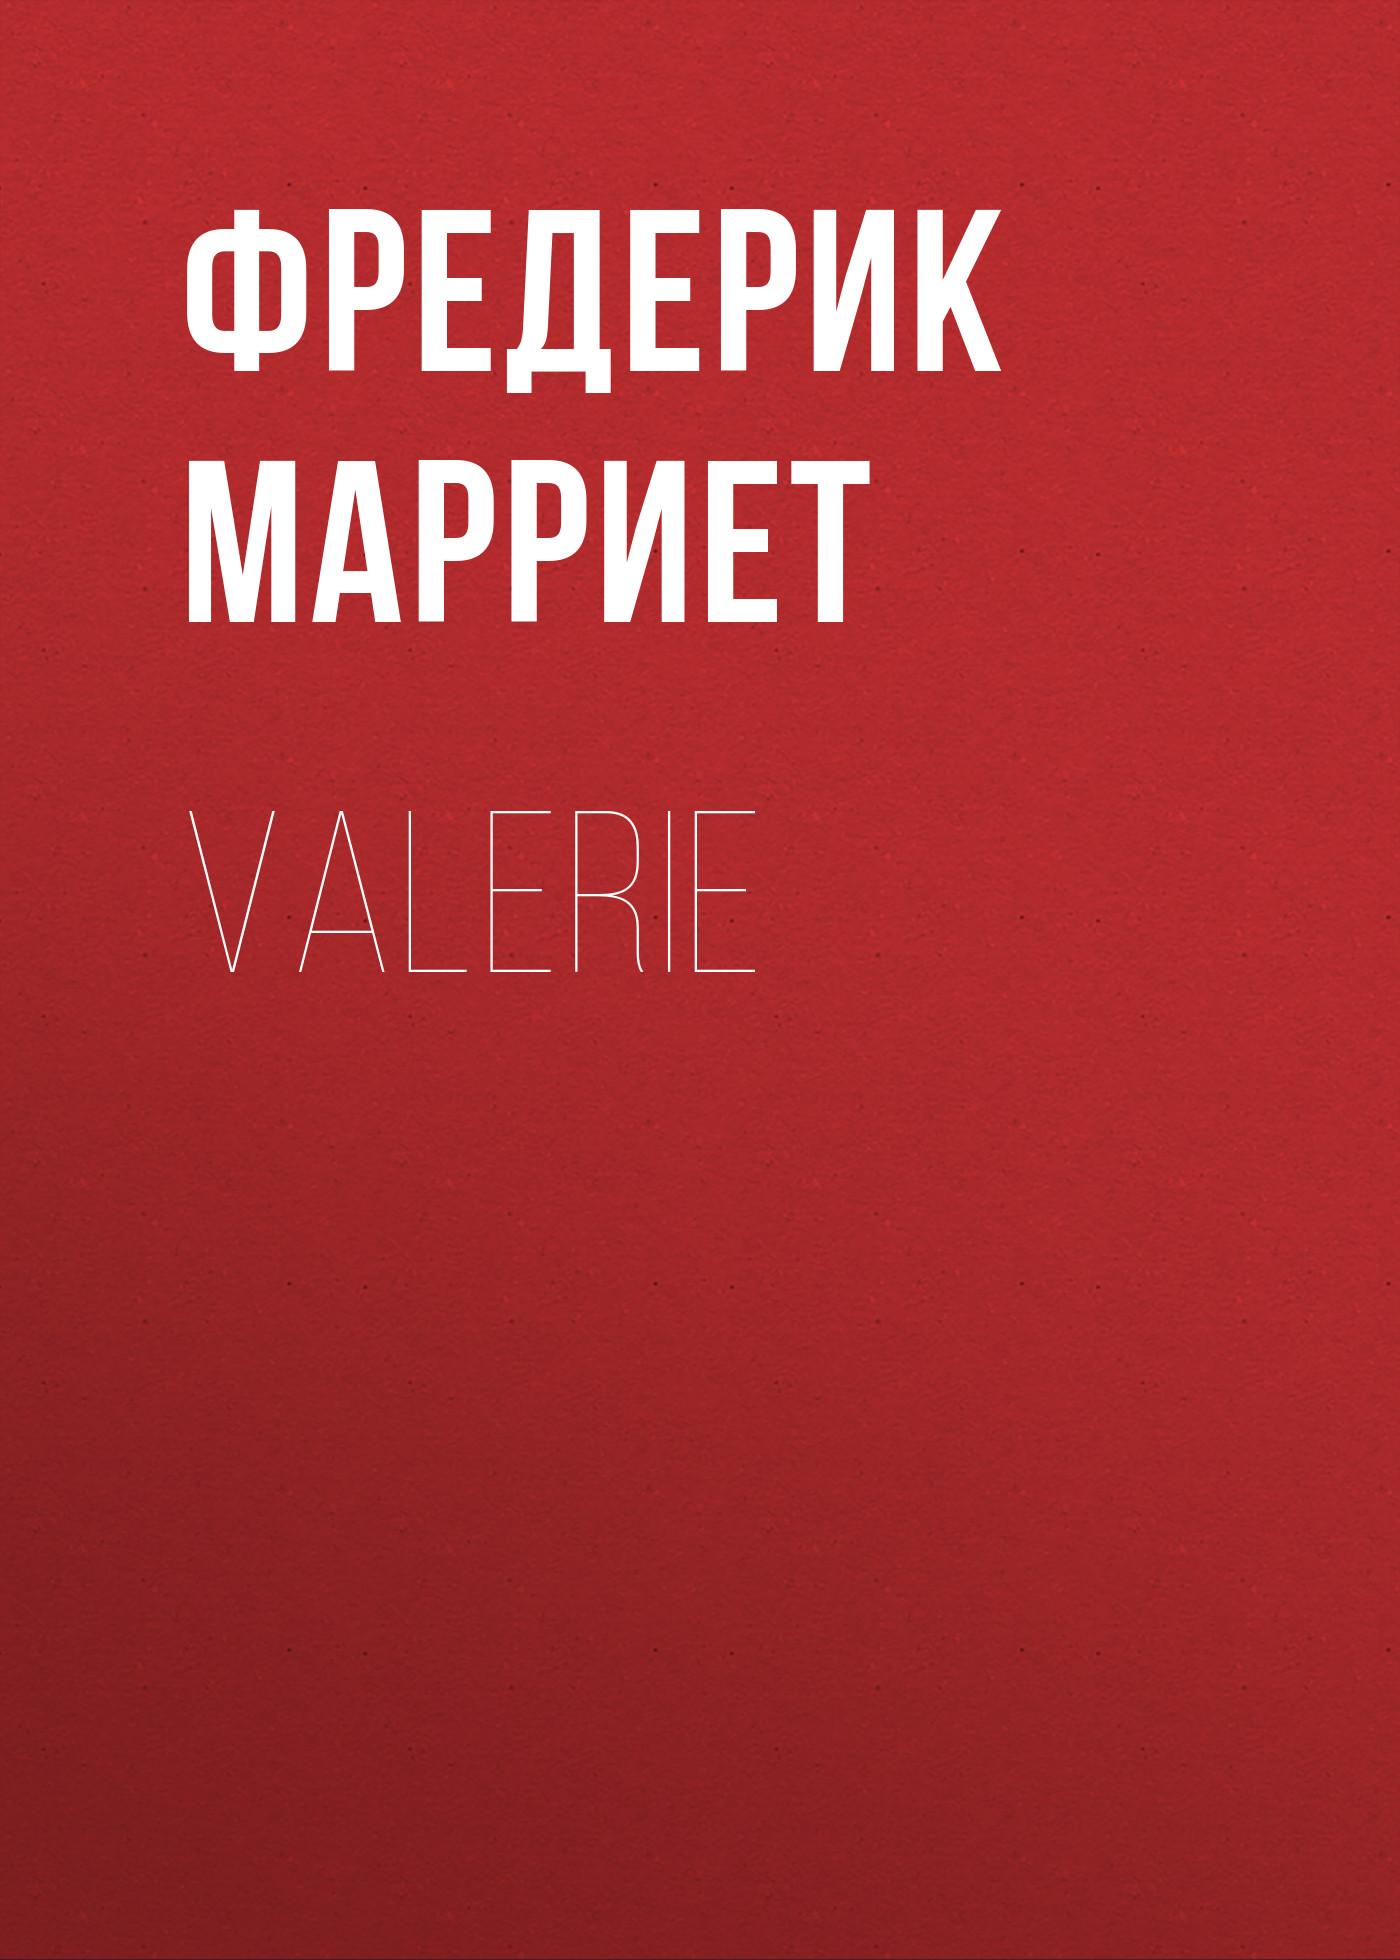 цена на Фредерик Марриет Valerie